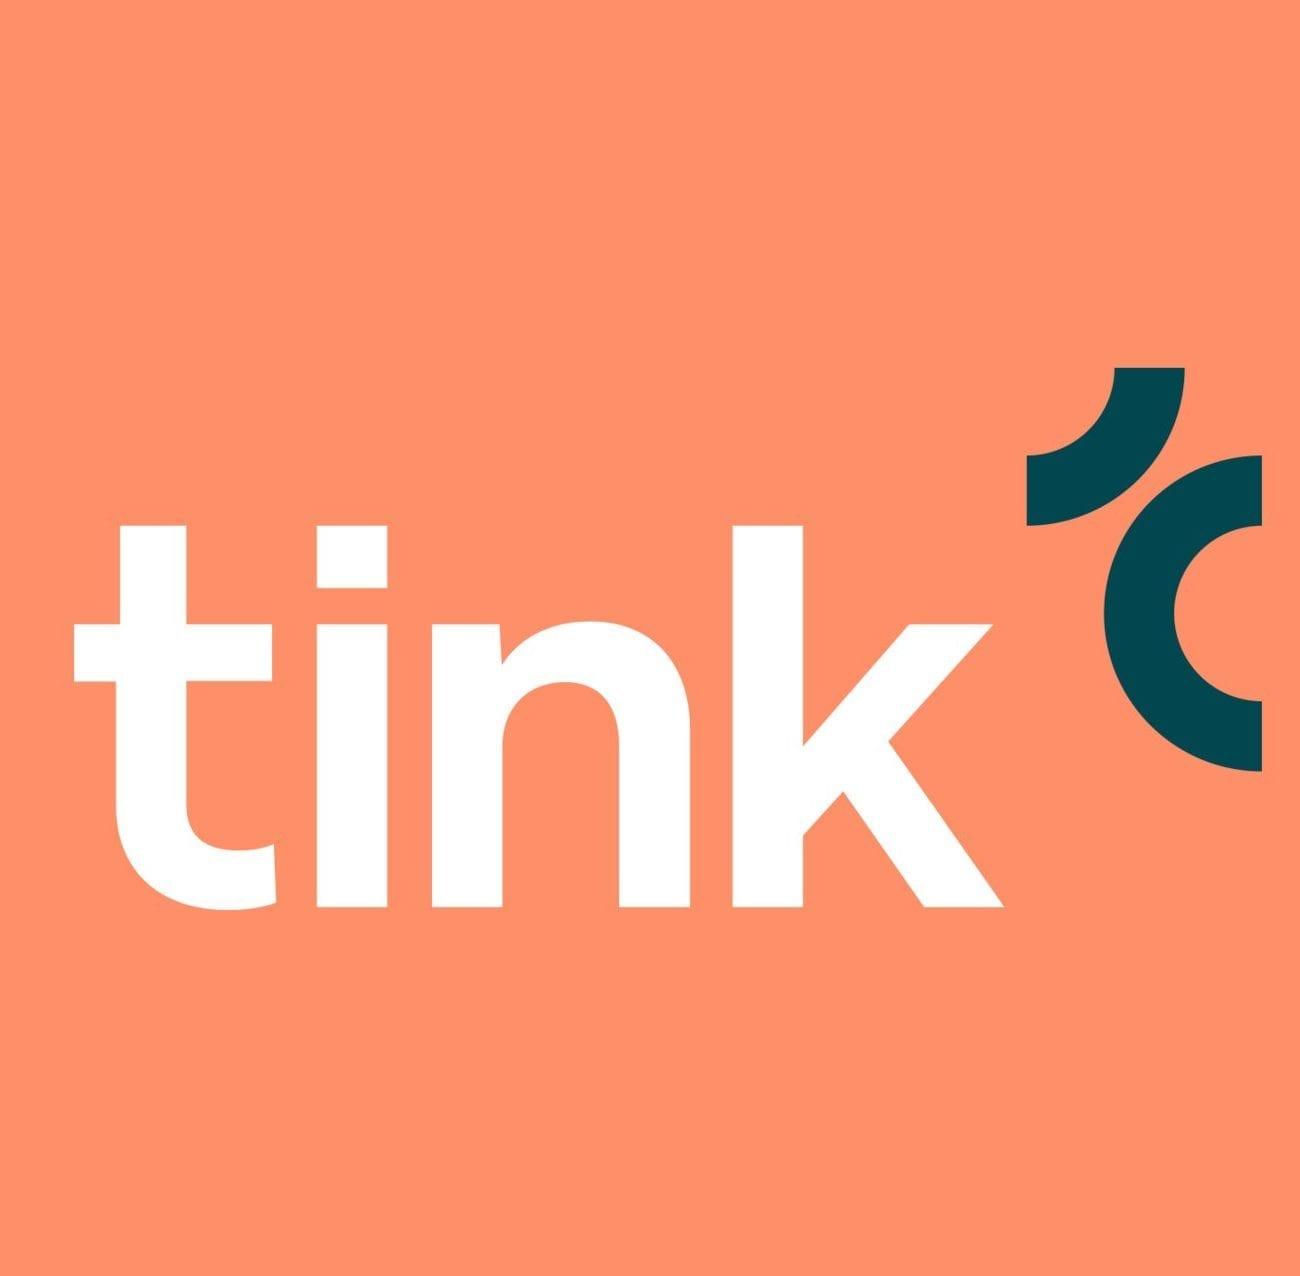 Tink's logo